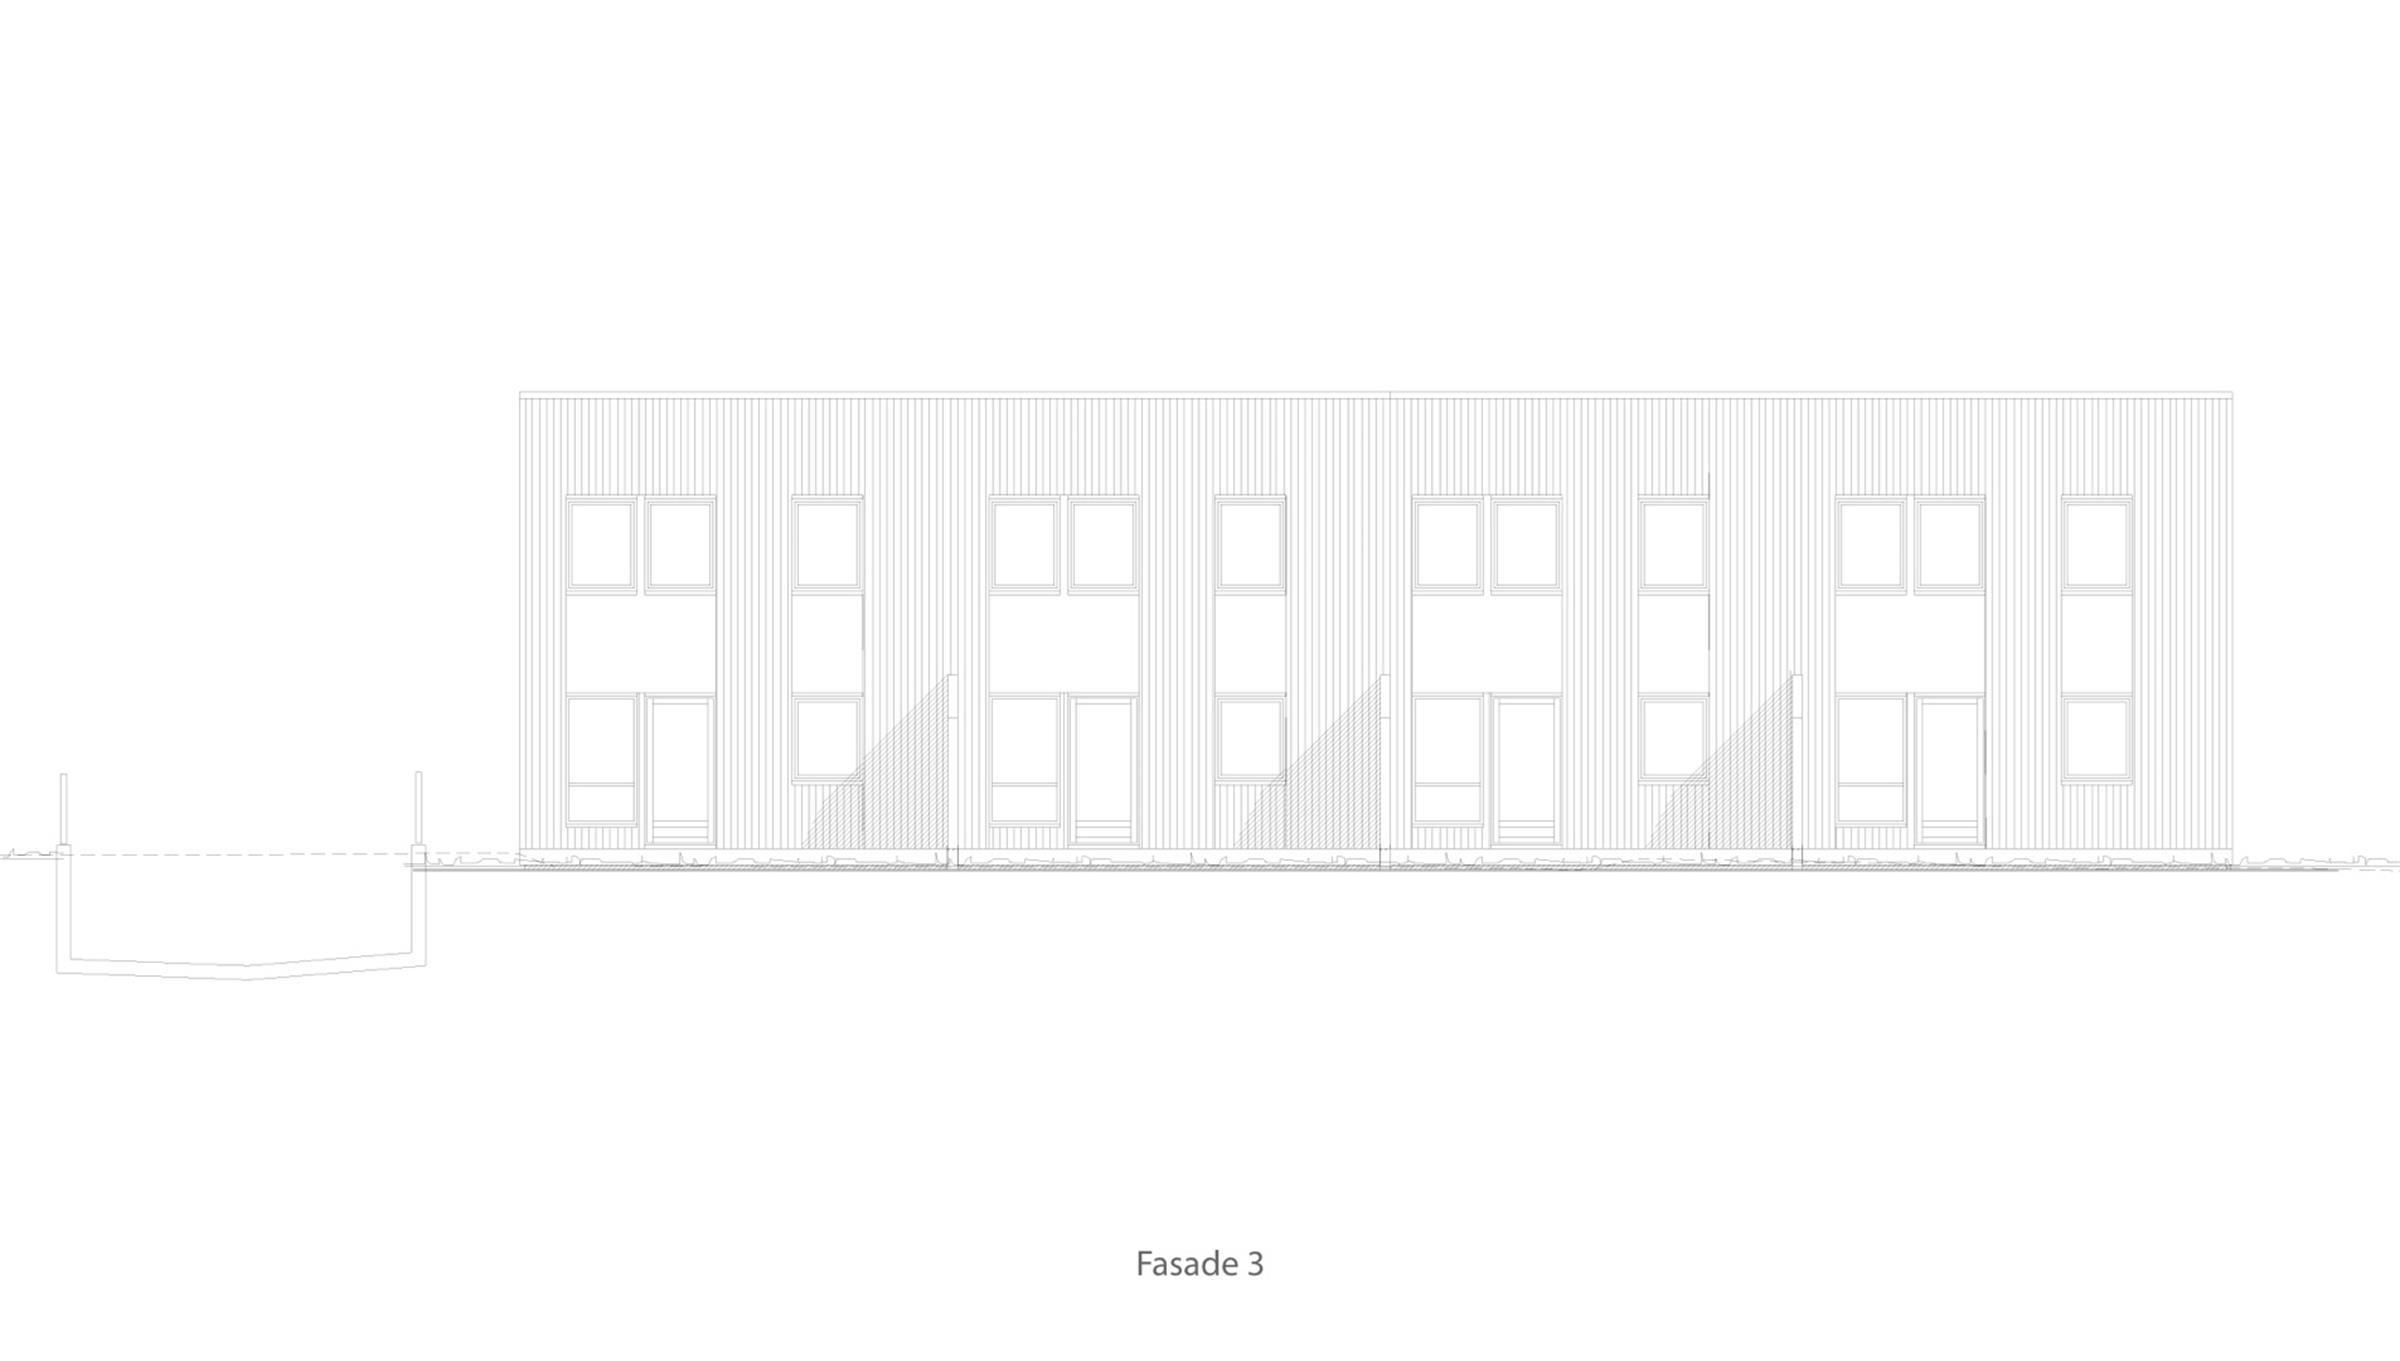 Porsgrunn fasade 3